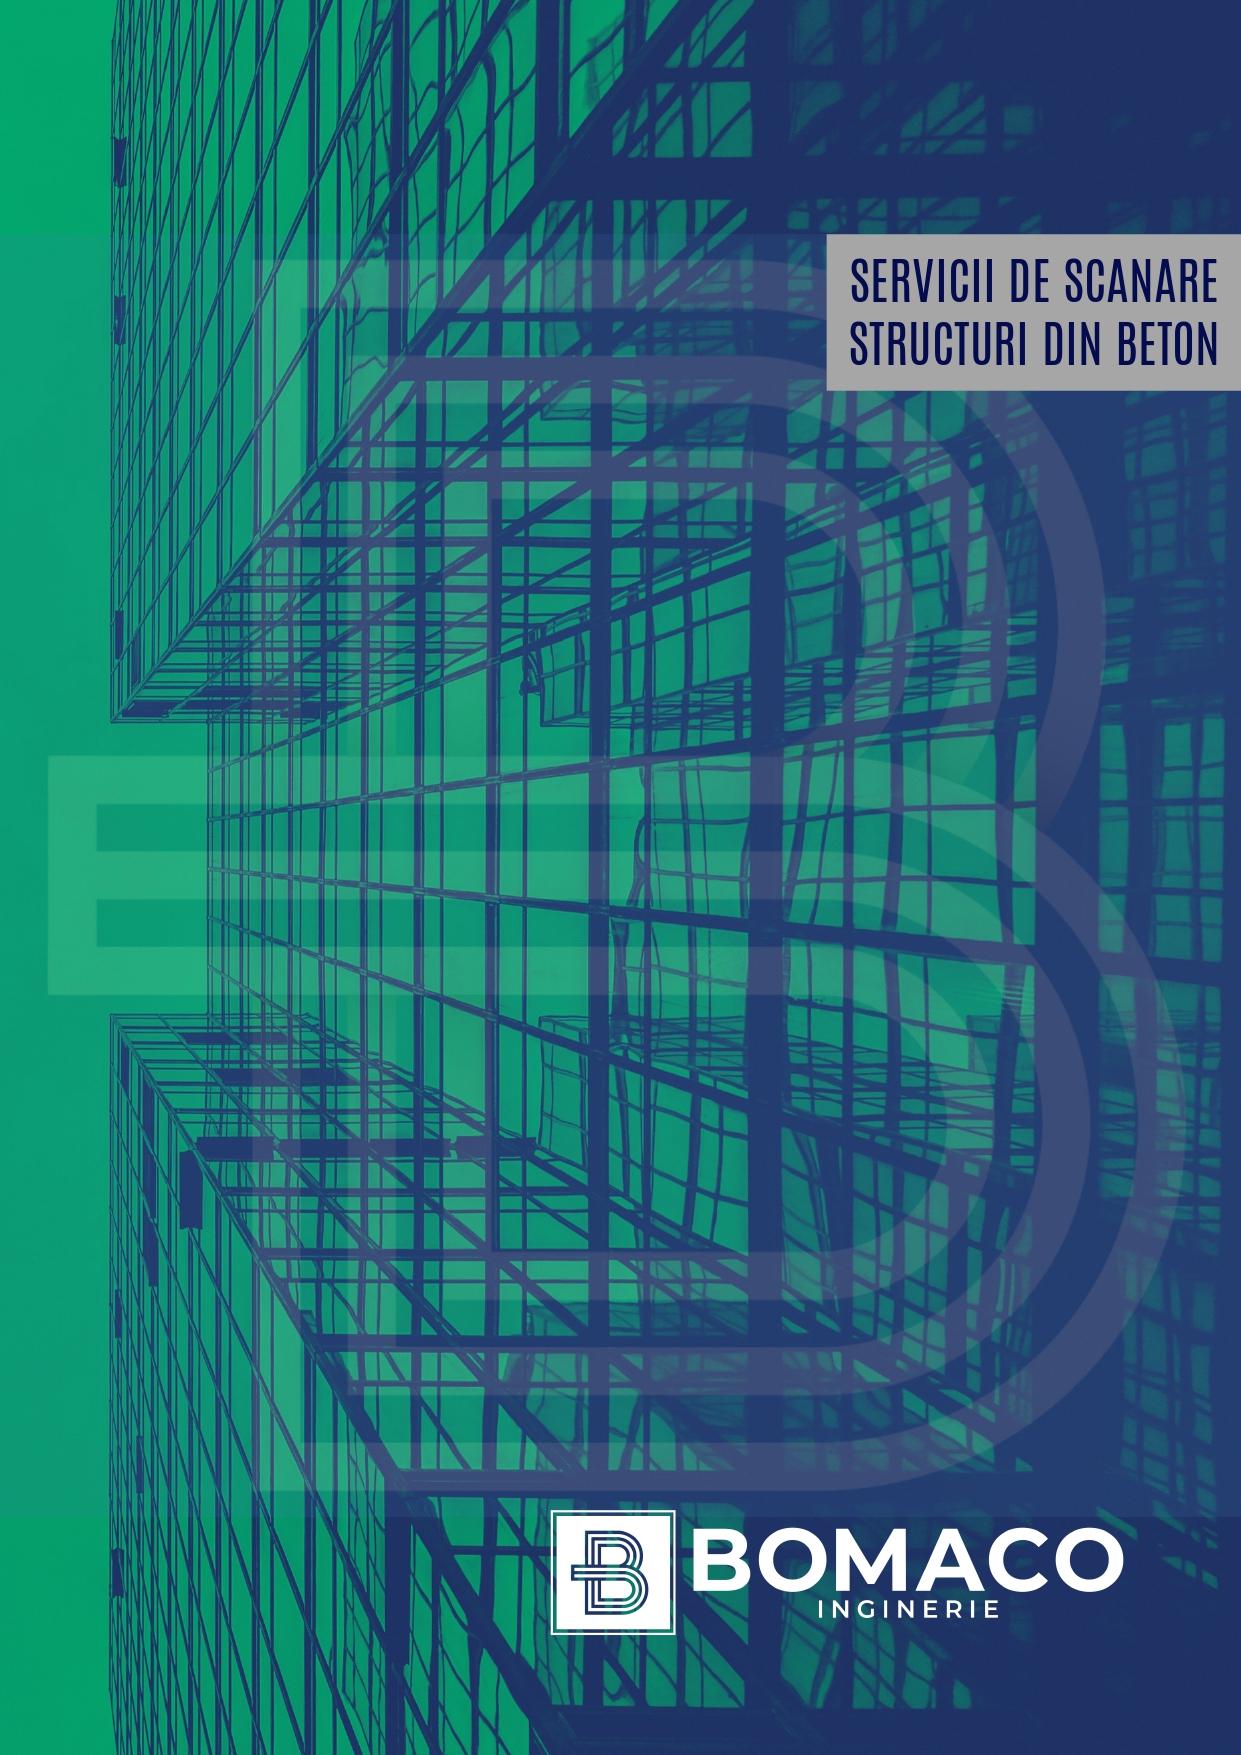 Brosura servicii de scanare structuri - Coperta